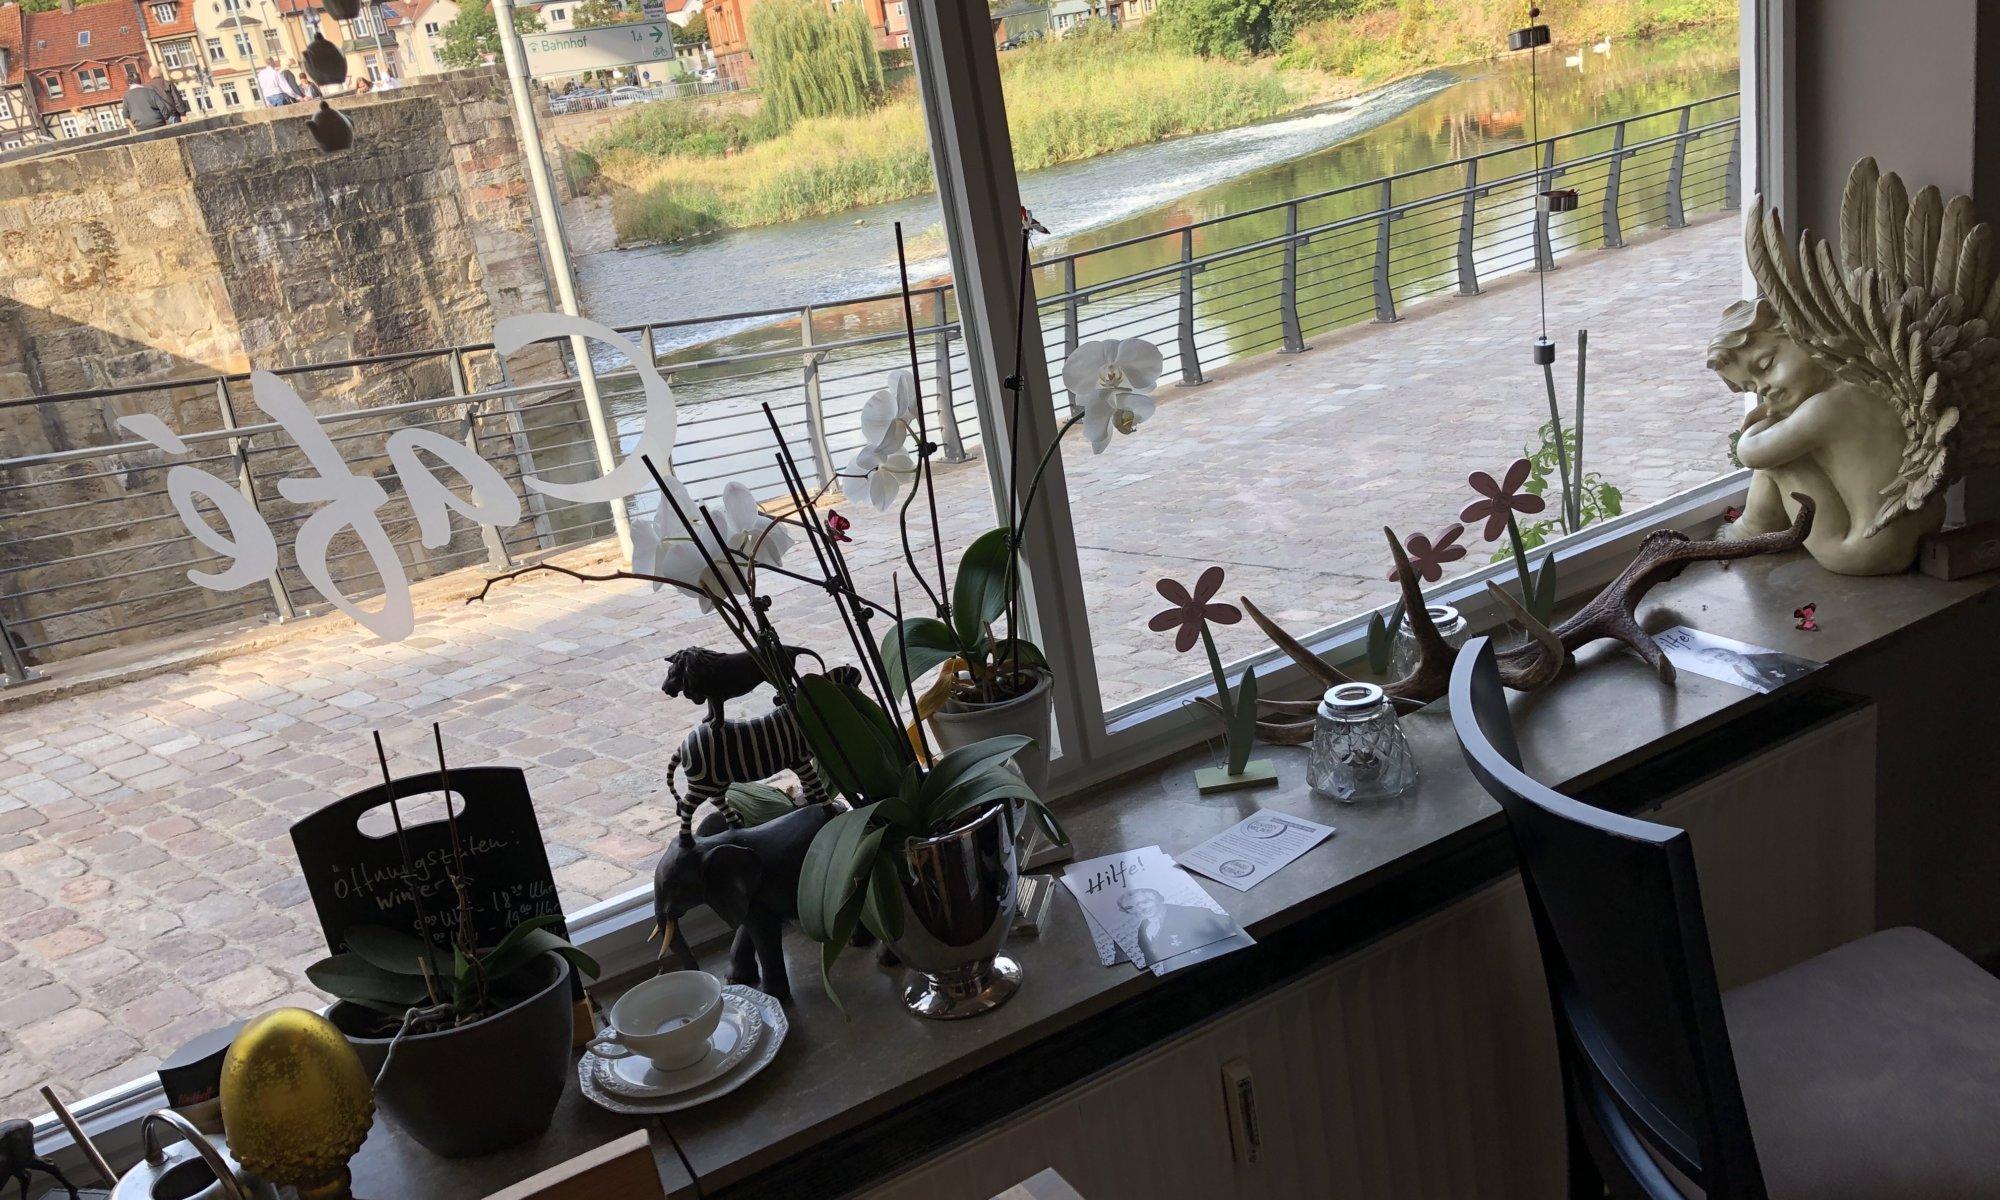 Café an der Werrabrücke, Hann. Münden